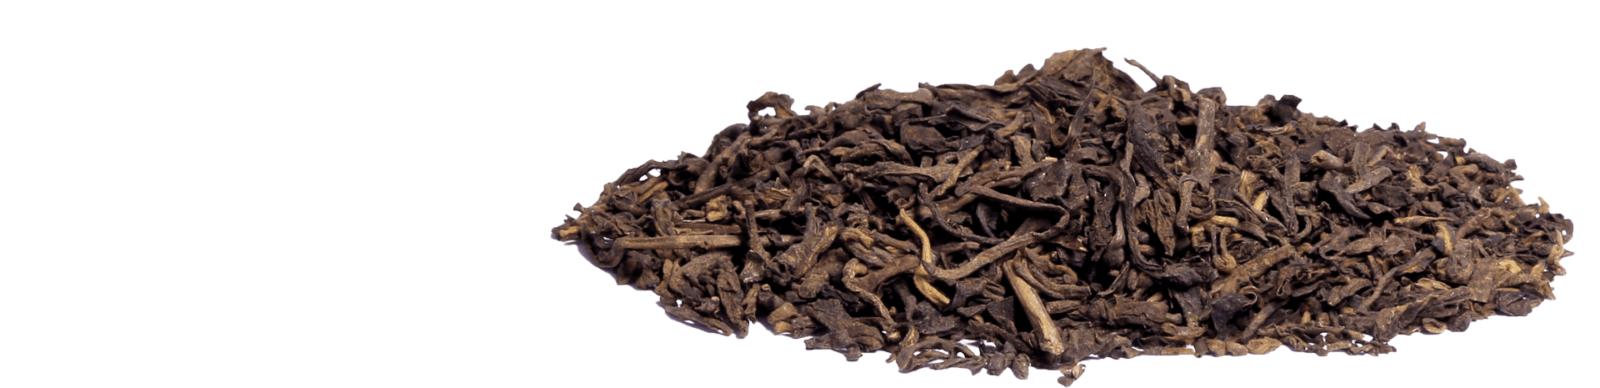 Вы можете купить оптом и в розницу премиальный Китайский Юньнаньский чай шу (чёрный) пуэр Дворцовый в нашем интернет-магазине со склада в Москве, выбрав по ФОТО или заказав пробник, от Чайной Компании Путь Чая с доставкой по РФ и странам ТС.